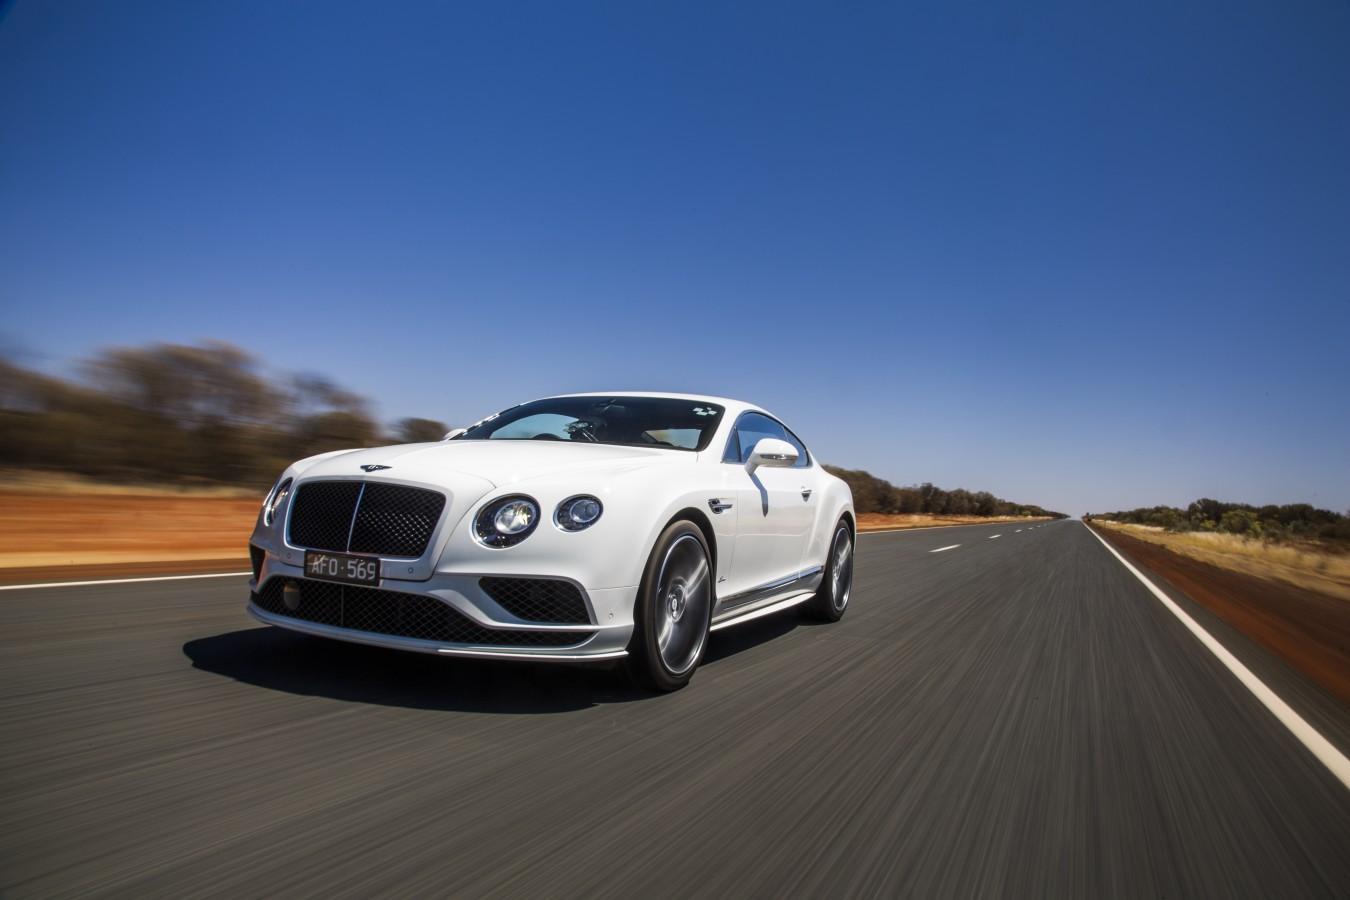 ВЕСЕННИЙ ФЕСТИВАЛЬ АВТОМОБИЛЕЙ С ПРОБЕГОМ BENTLEY PRE-OWNED! - изображение Bentley-Continental-GT-Speed_-Vmax-in-the-outback на Bentleymoscow.ru!